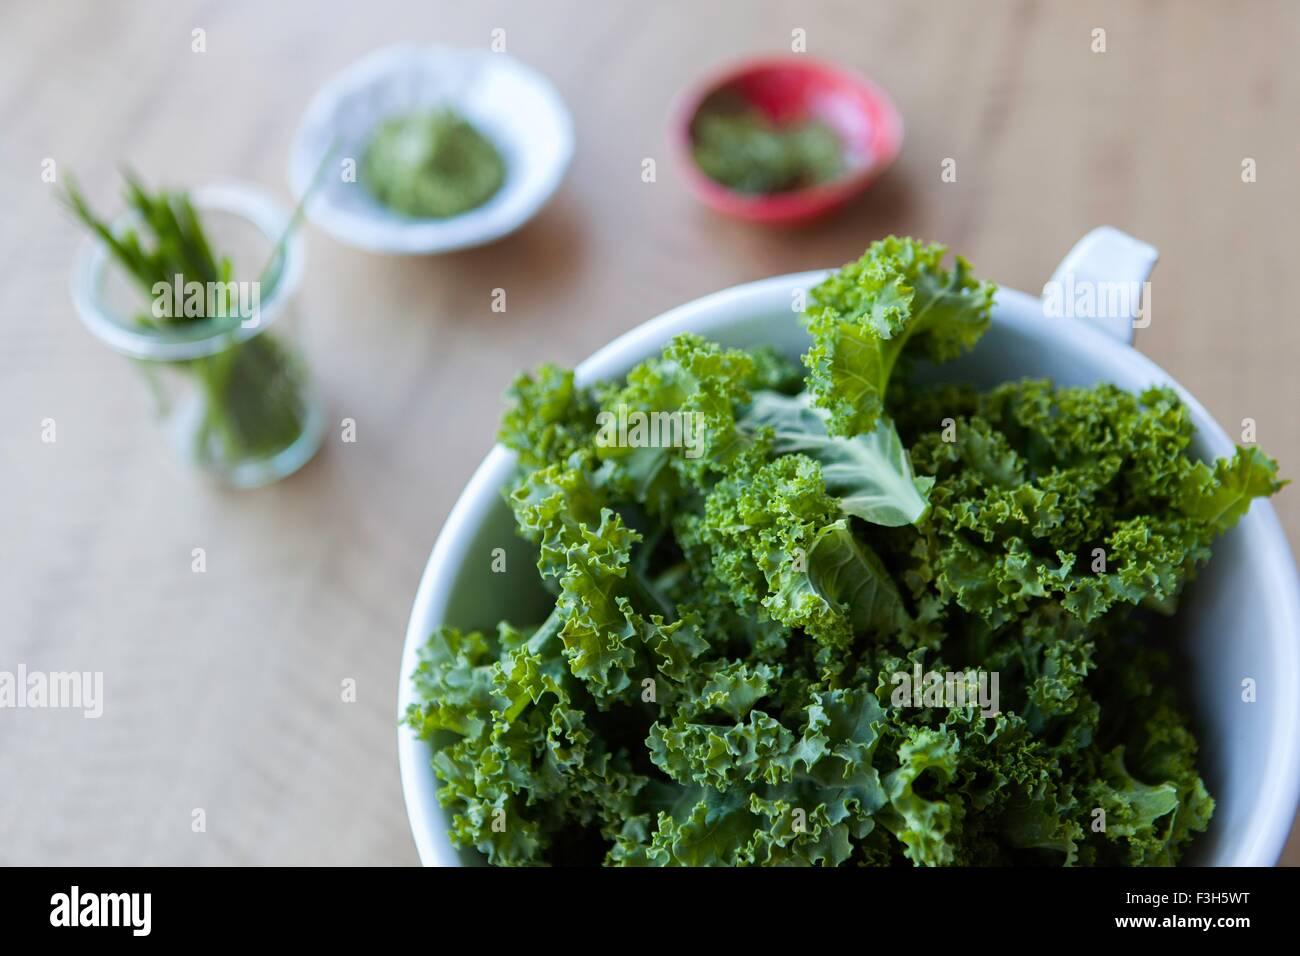 Vue aérienne de kale et herbes Photo Stock